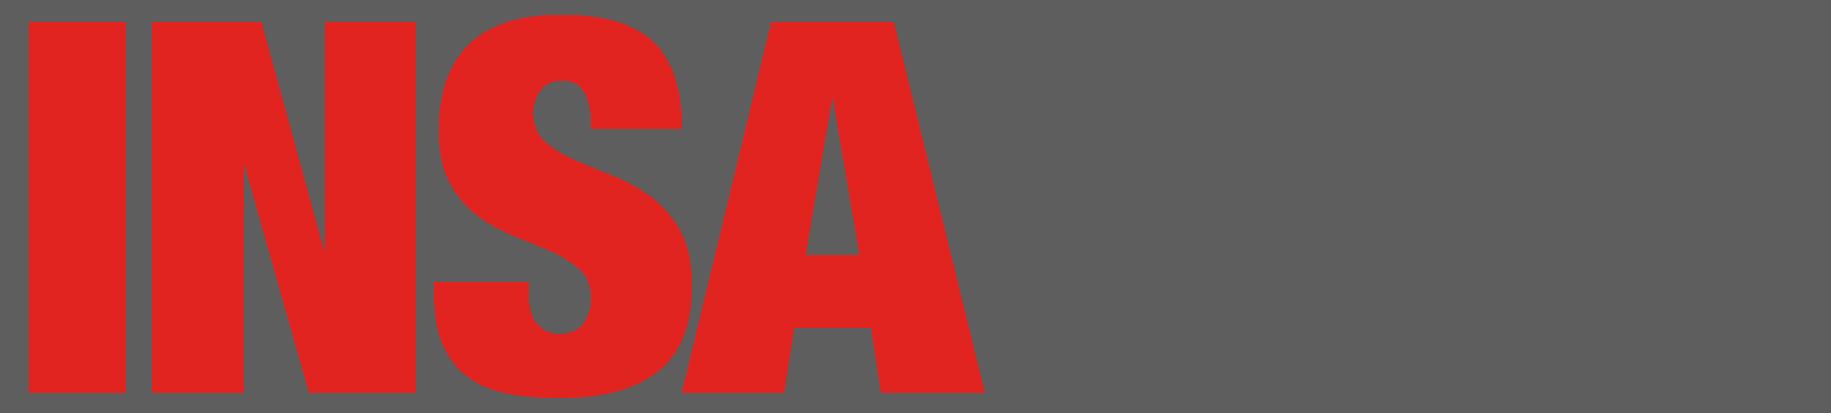 Logo INSA Lyon 2014